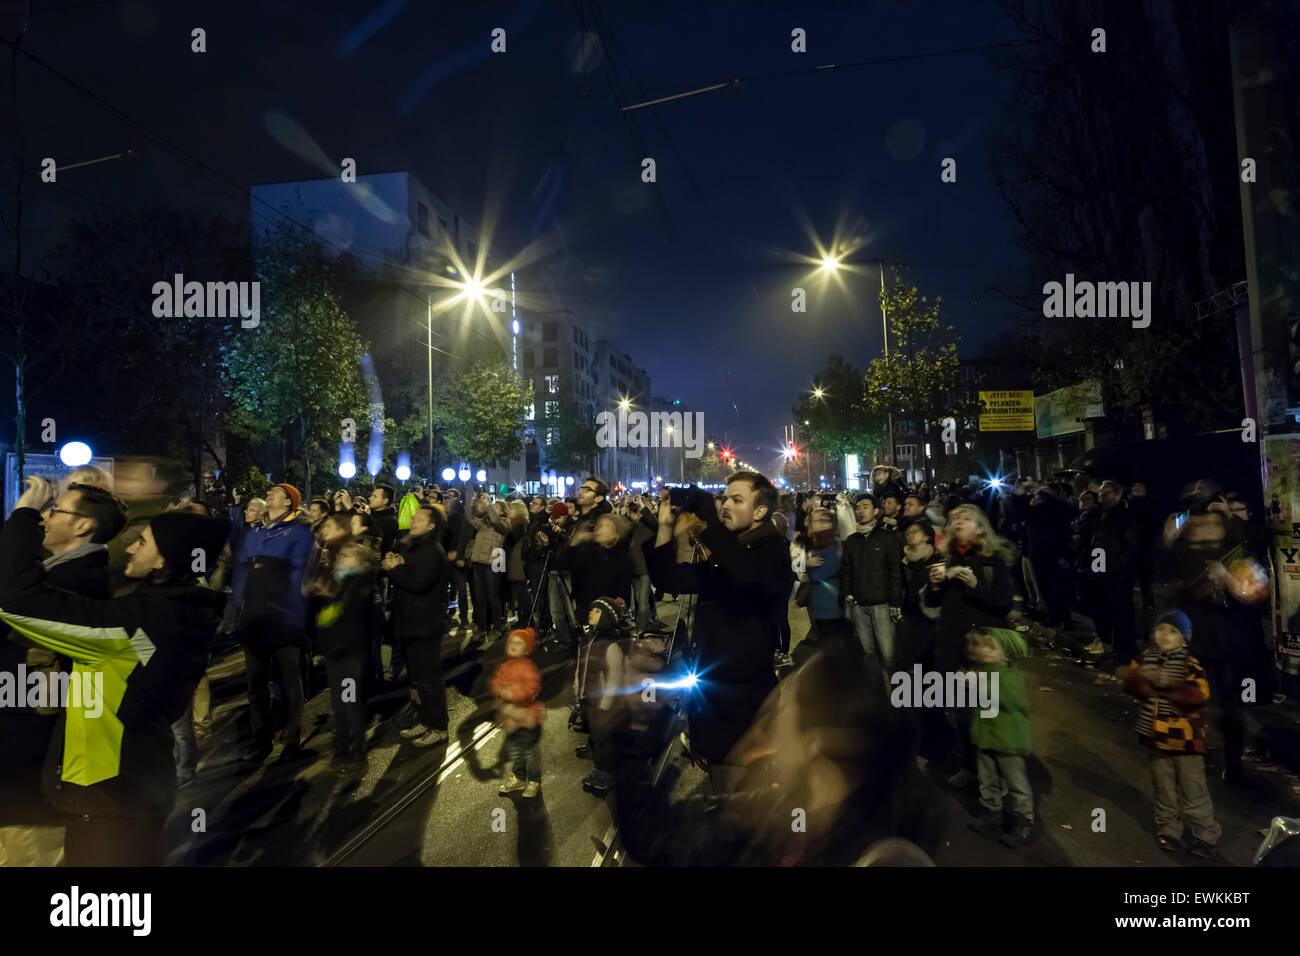 Palloncini vengono rilasciati nel cielo notturno per celebrare i 25 anni dalla caduta del muro di Berlino. Immagini Stock